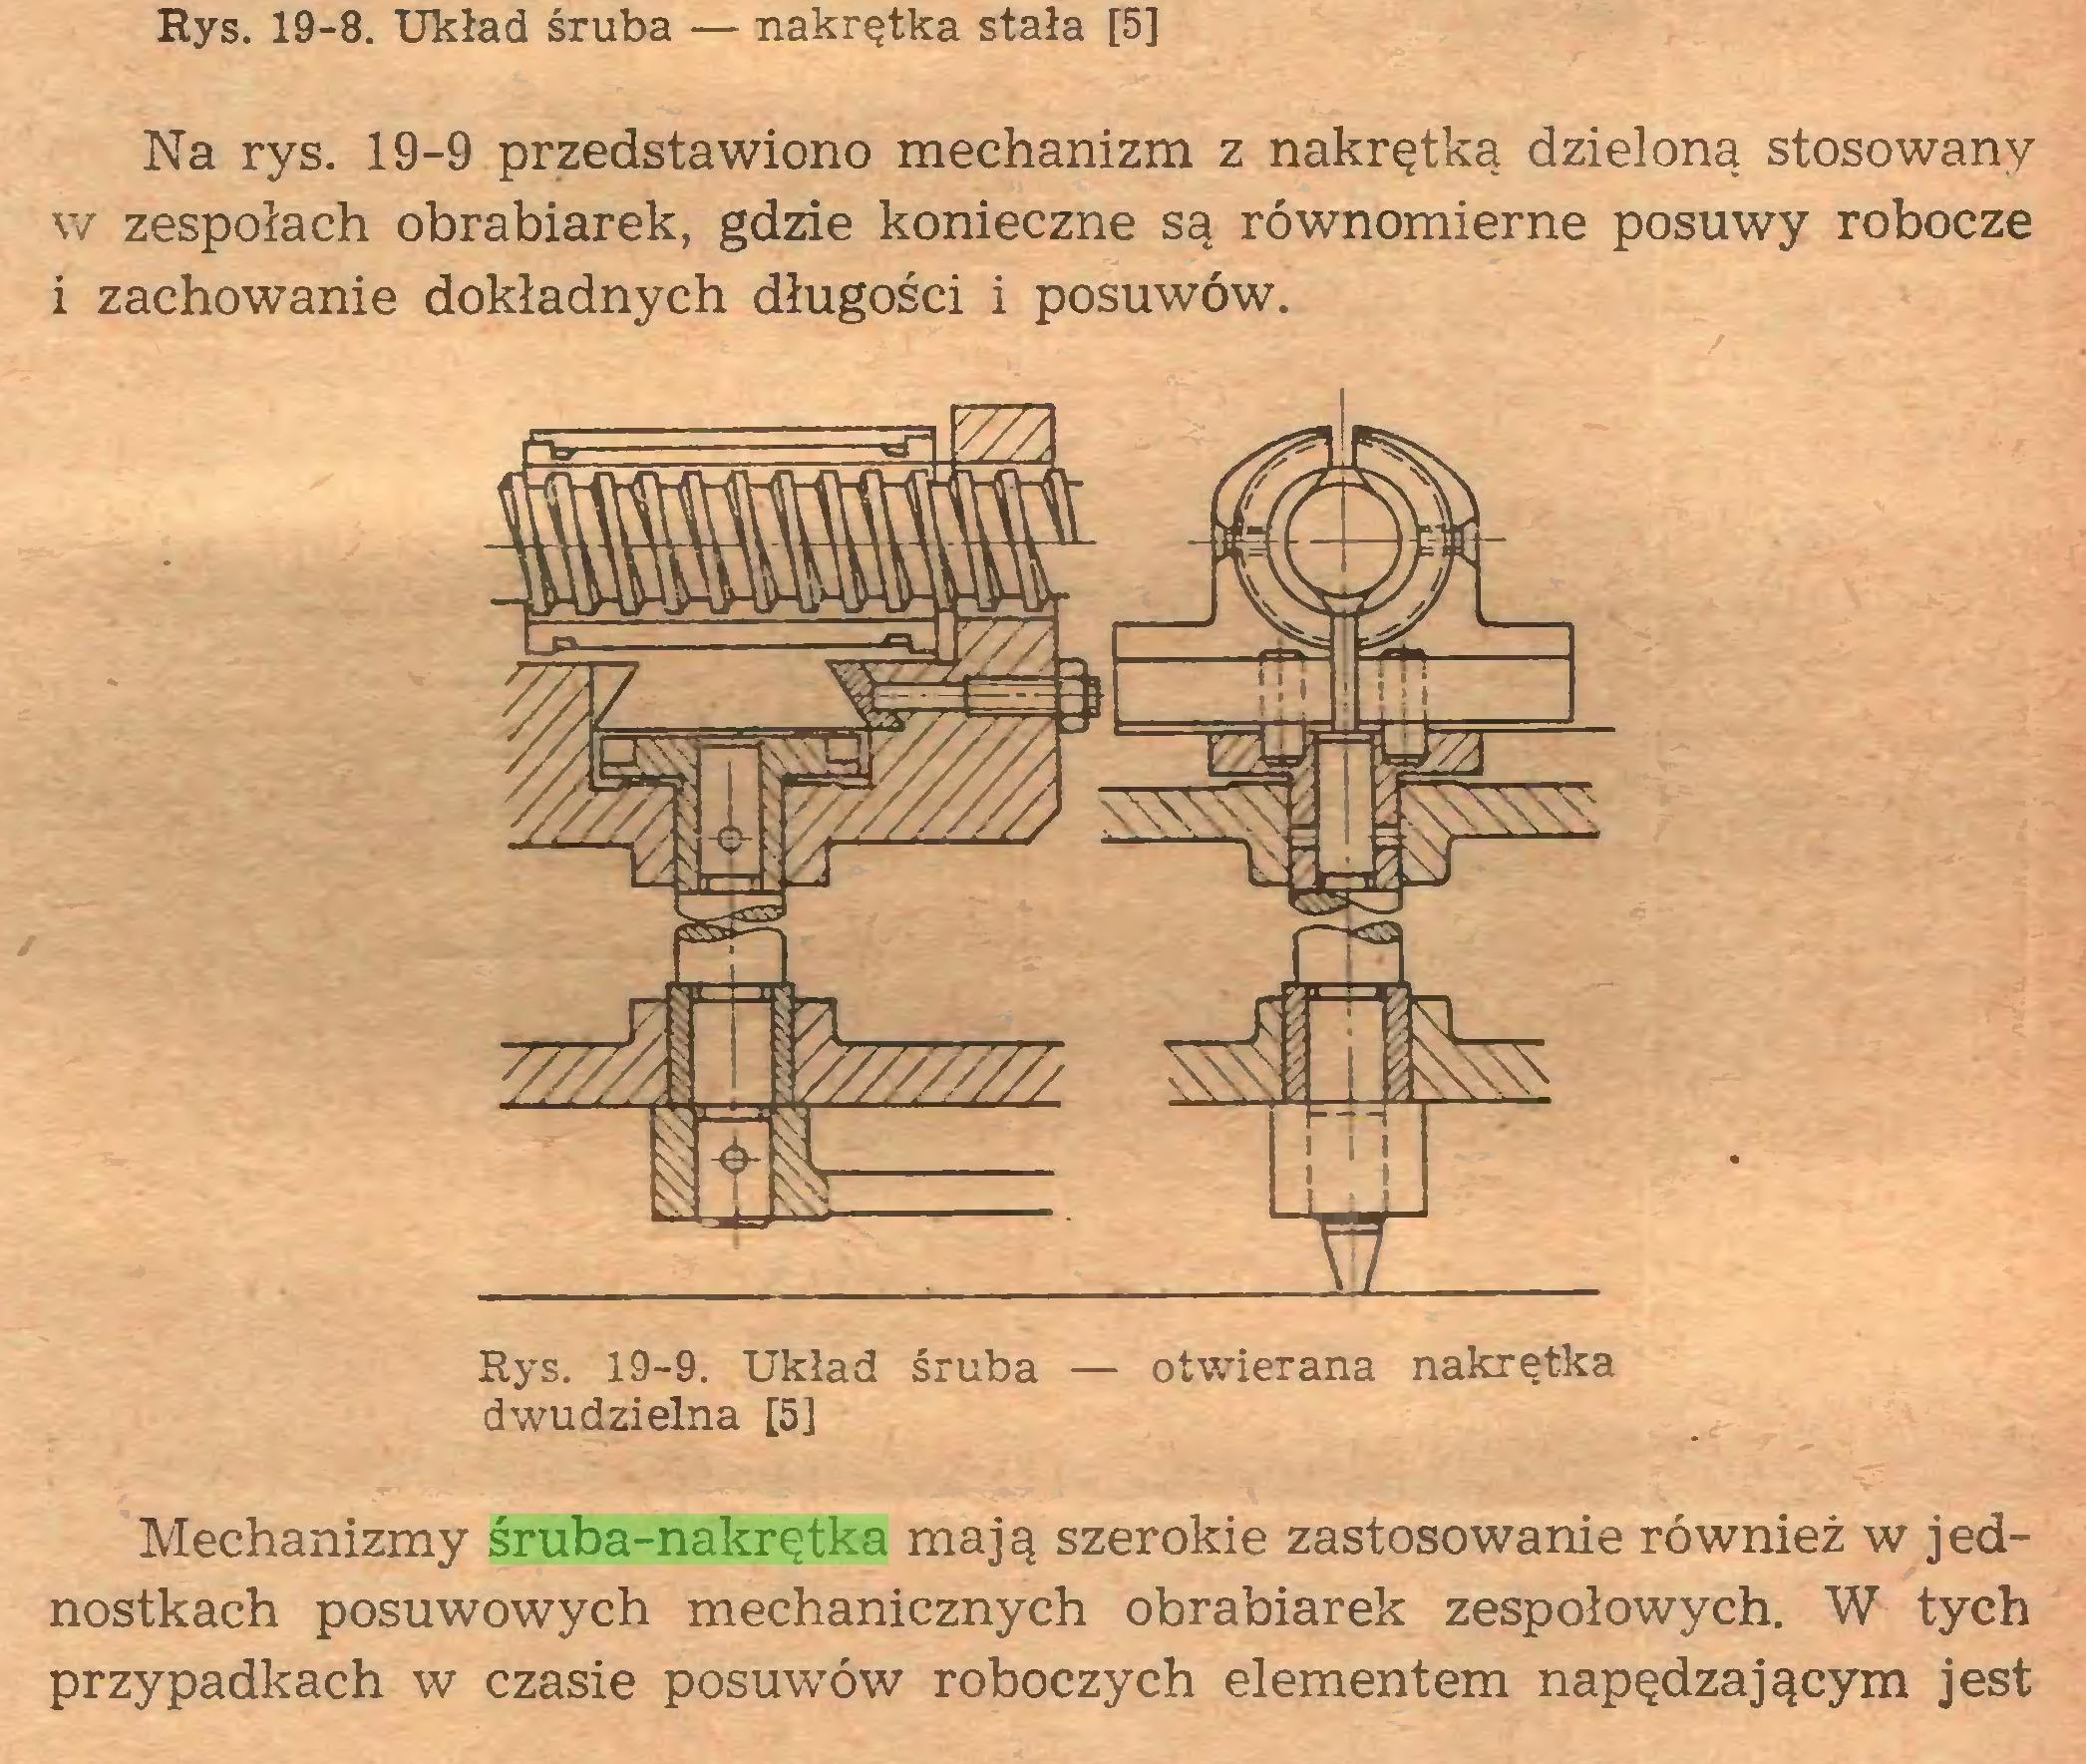 (...) Mechanizmy śruba-nakrętka mają szerokie zastosowanie rowmez nostkach posuwowych mechanicznych obrabiarek zespołowych. W przypadkach w czasie posuwów roboczych elementem napędzającym jest Rys. 19-8. Układ śruba — nakrętka stała [5] Na rys. 19-9 przedstawiono mechanizm z nakrętką dzieloną stosowany w zespołach obrabiarek, gdzie konieczne są równomierne posuwy robocze i zachowanie dokładnych długości i posuwów...